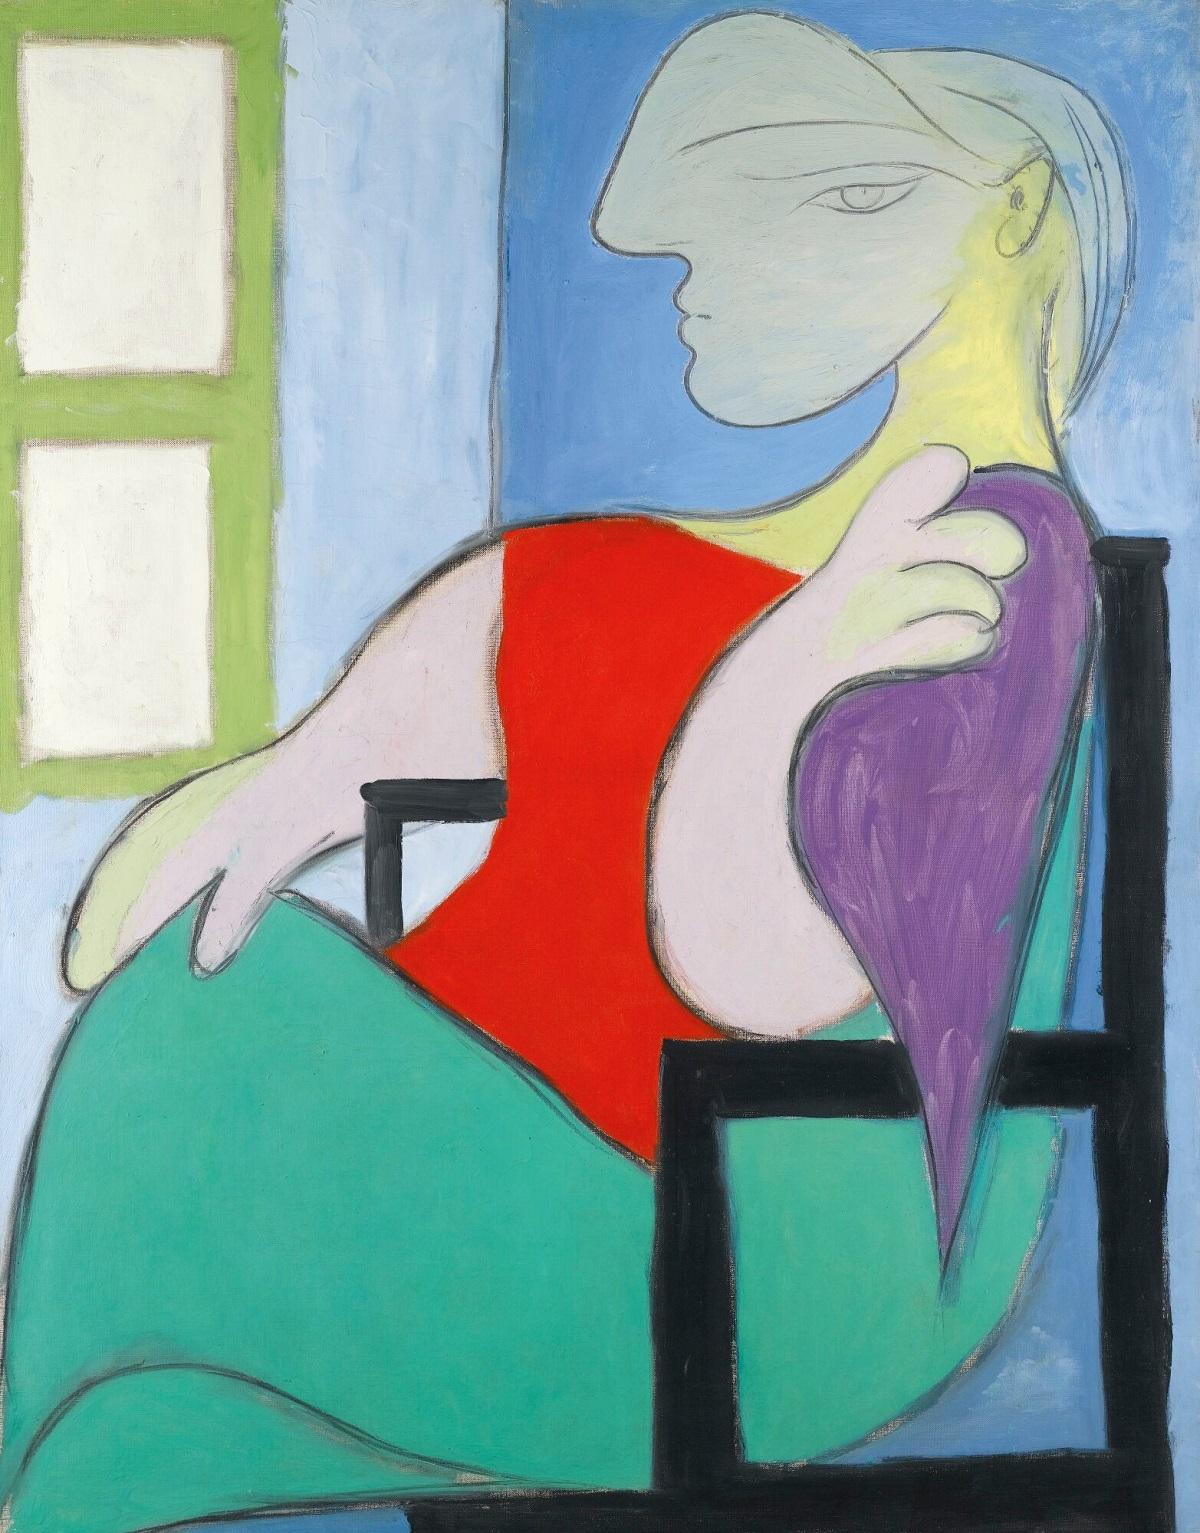 Picasso's Femme Assise Près D'une Fenêtre (Marie-Thérèse) To Sell For $55 Million